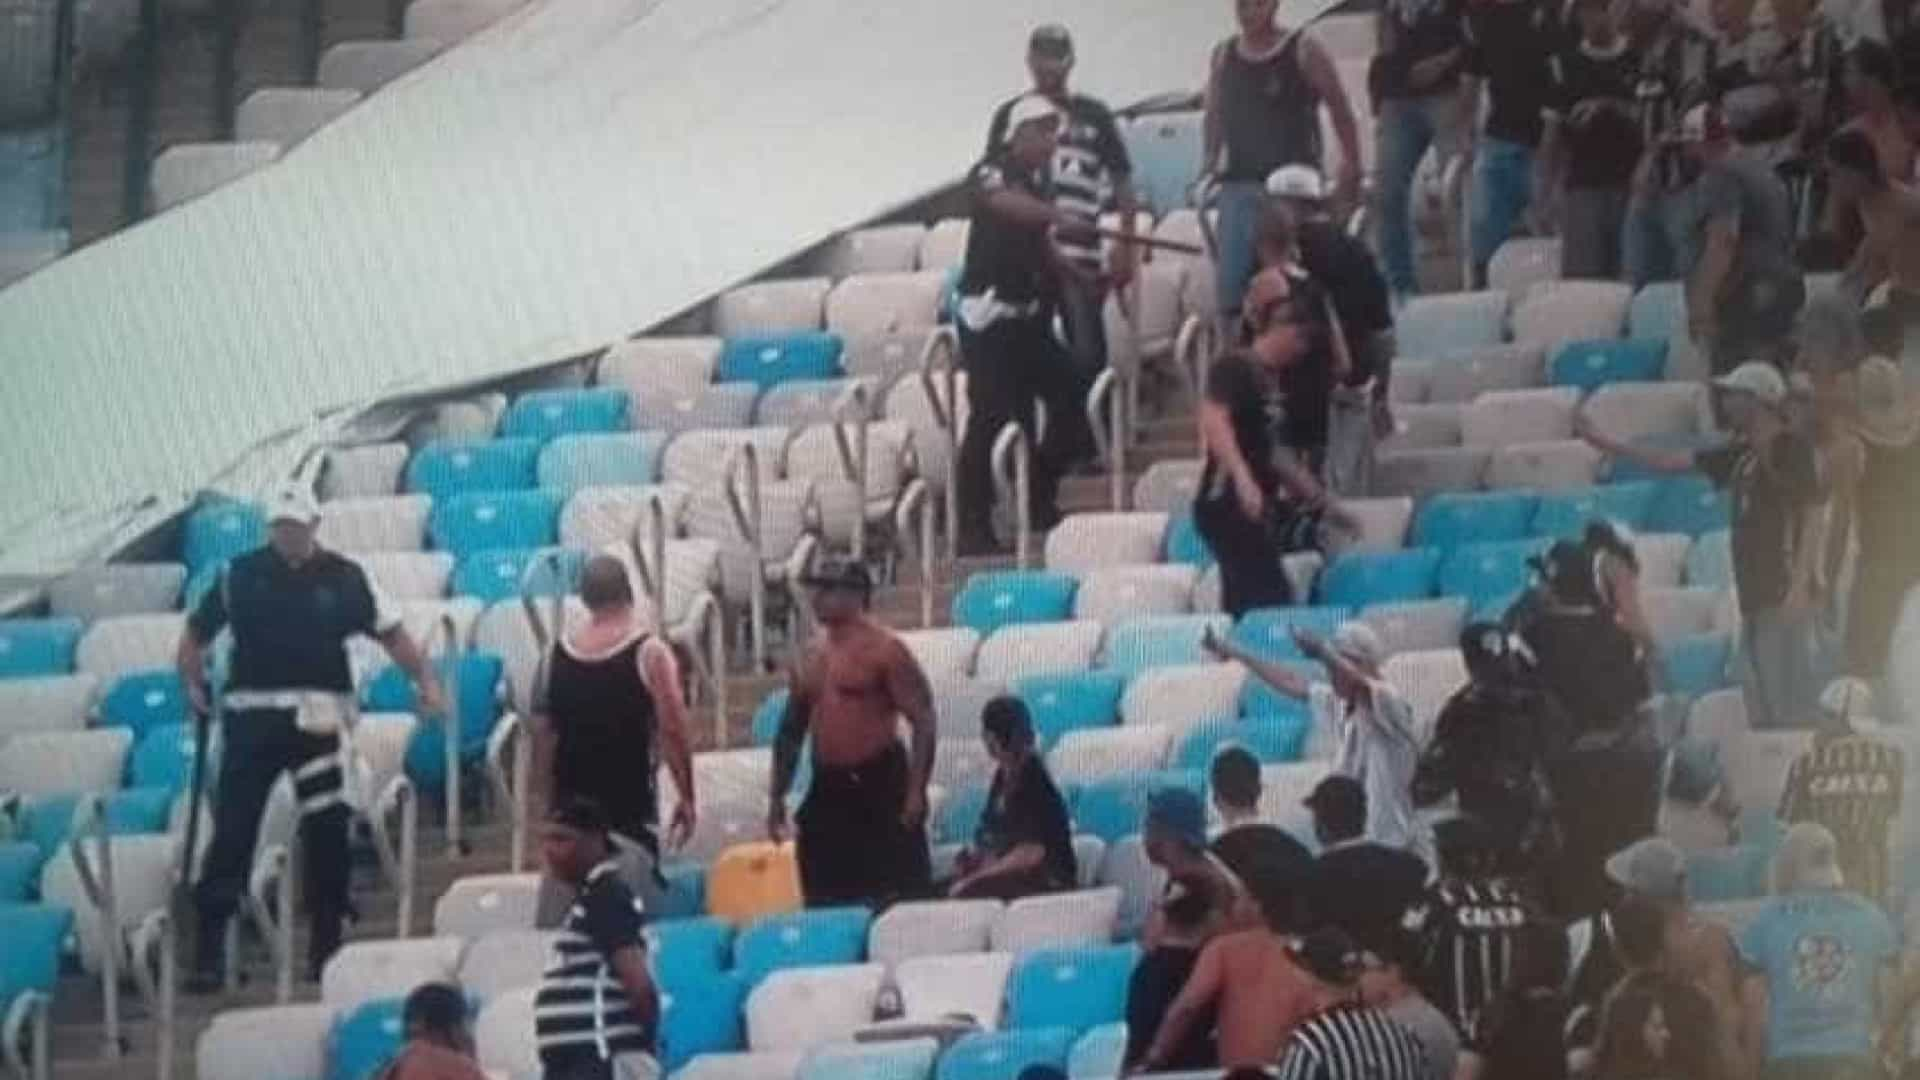 Corintianos entram em confronto com  policiais no Maracanã